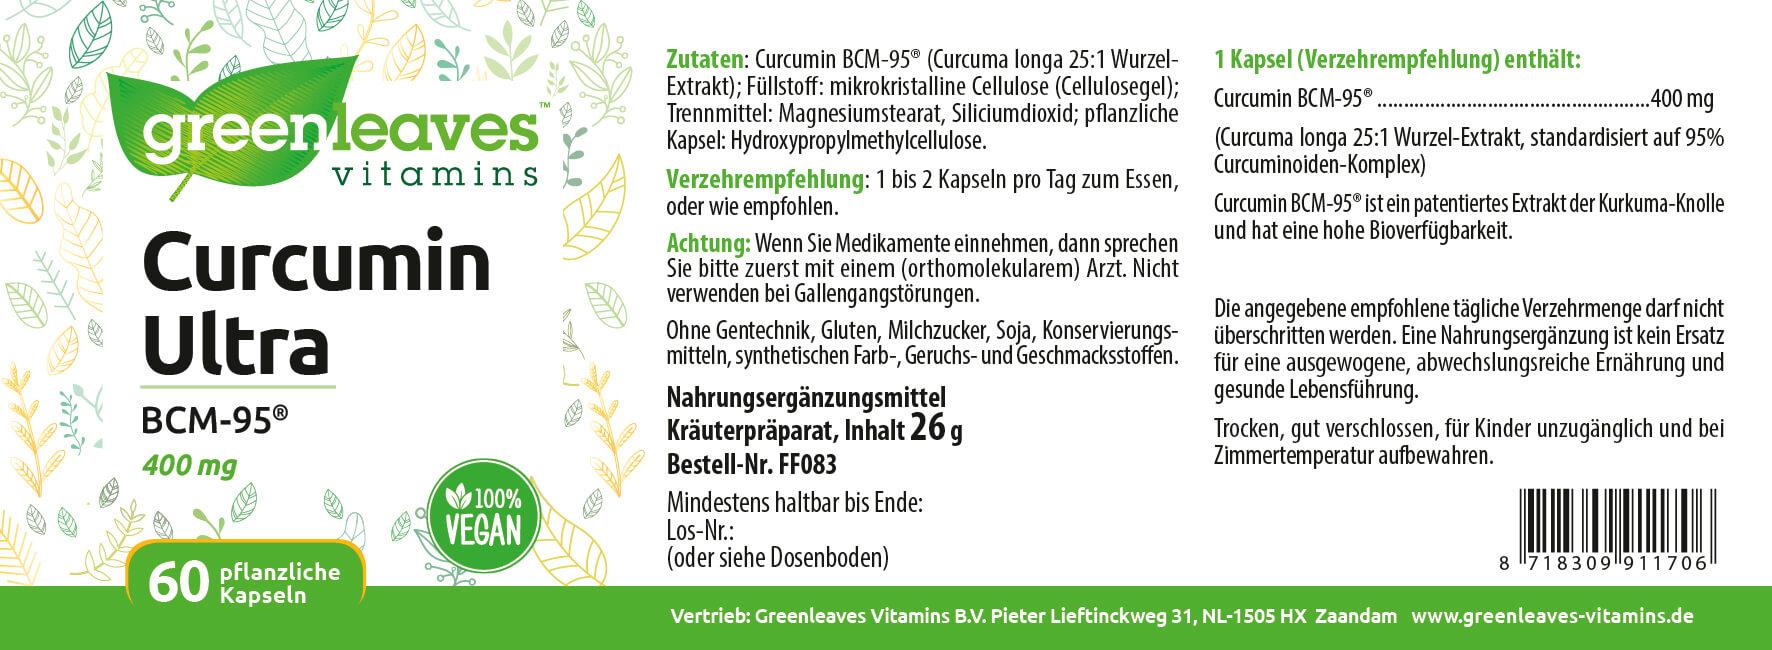 FF083-Curcumin-BCM